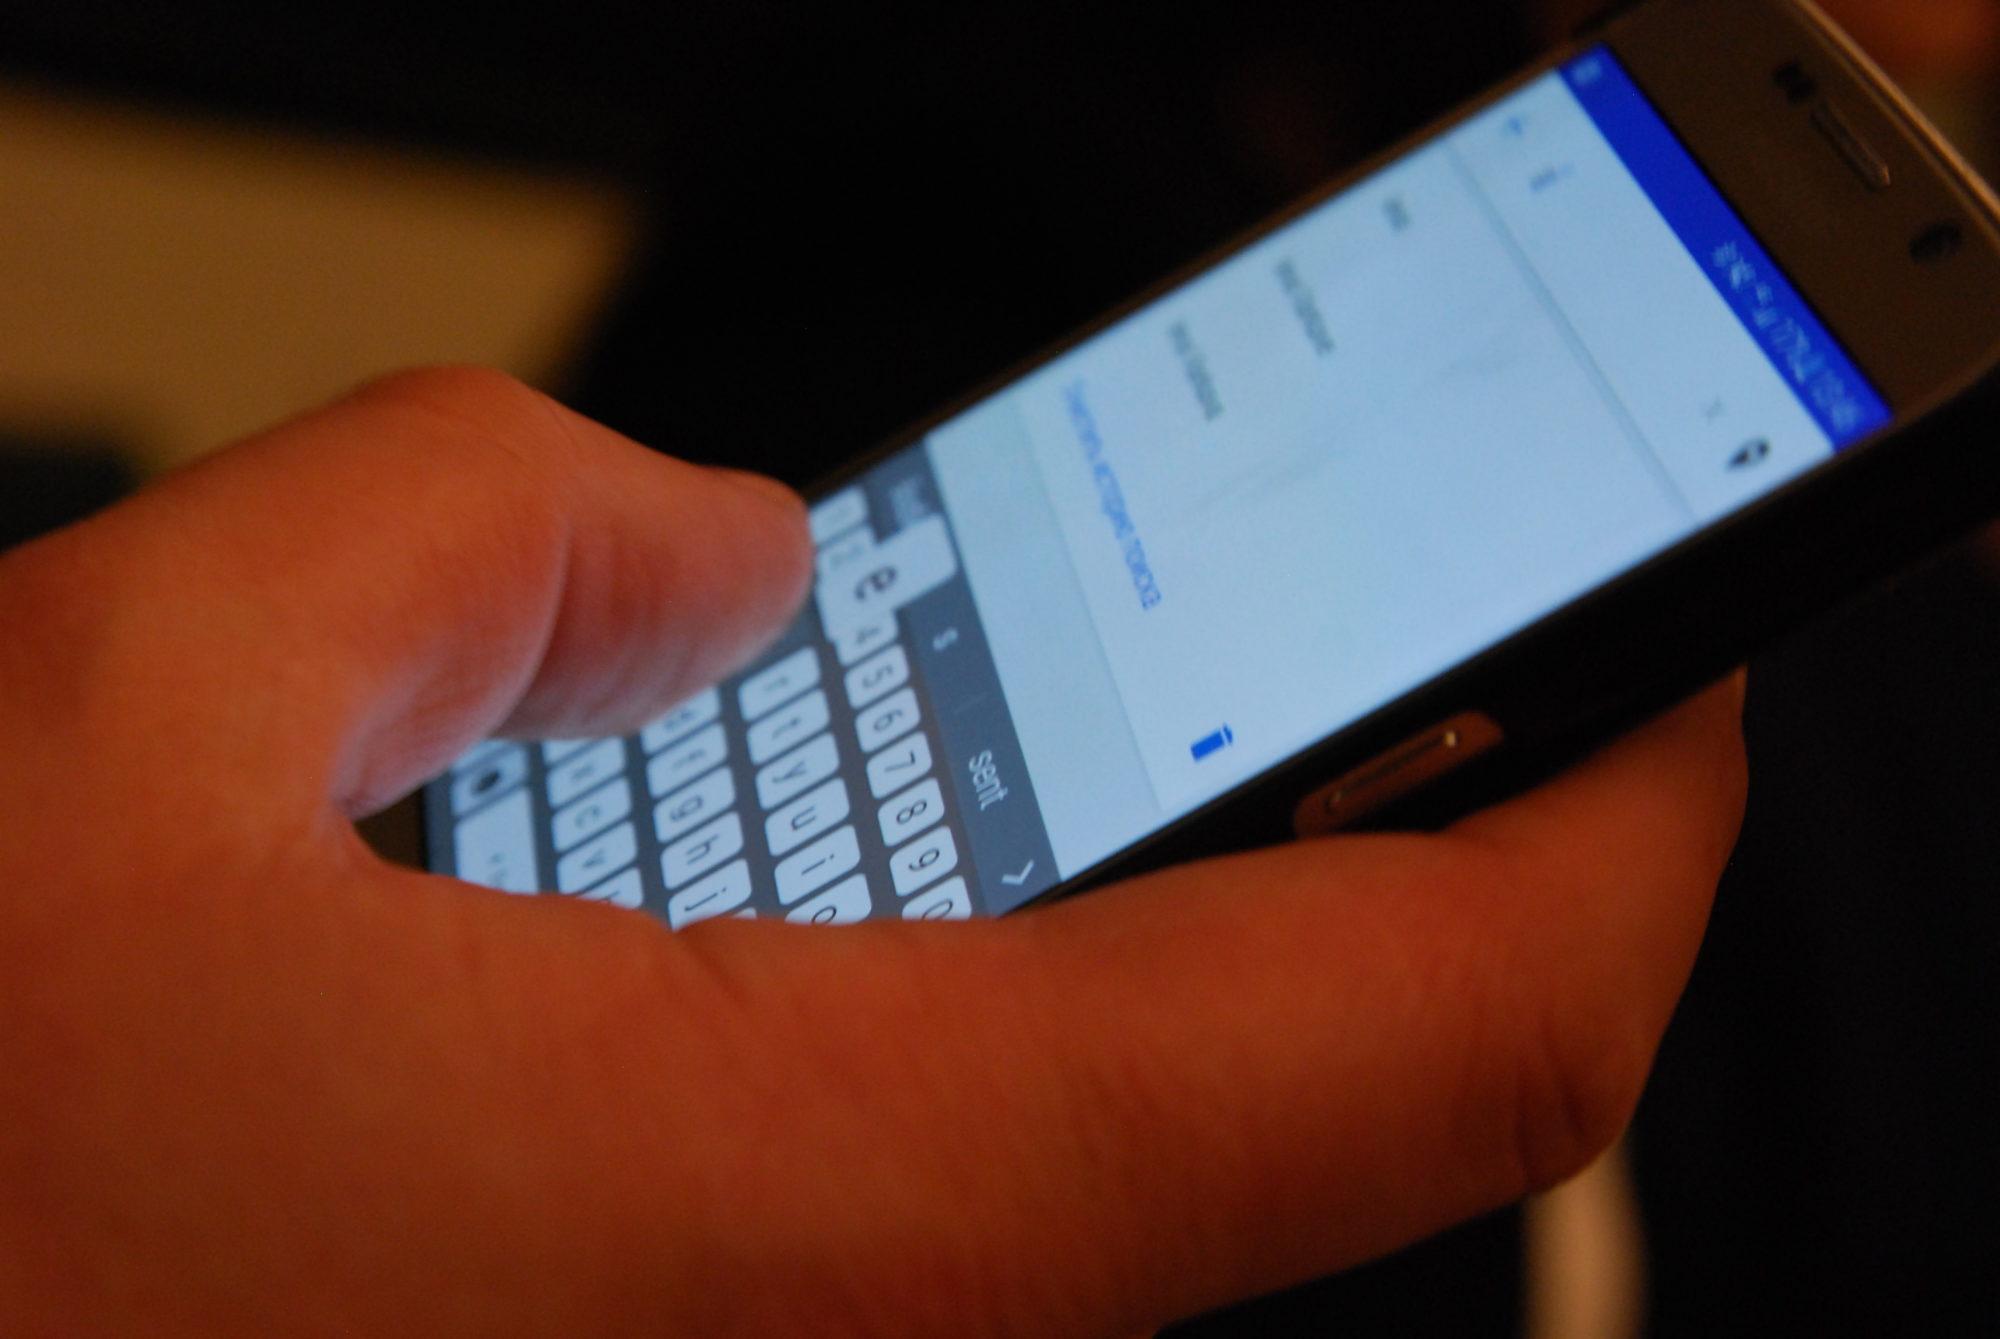 Телефонным мошенникам, которые выдают себя за сотрудников банка, удалось выманить 1000 евро